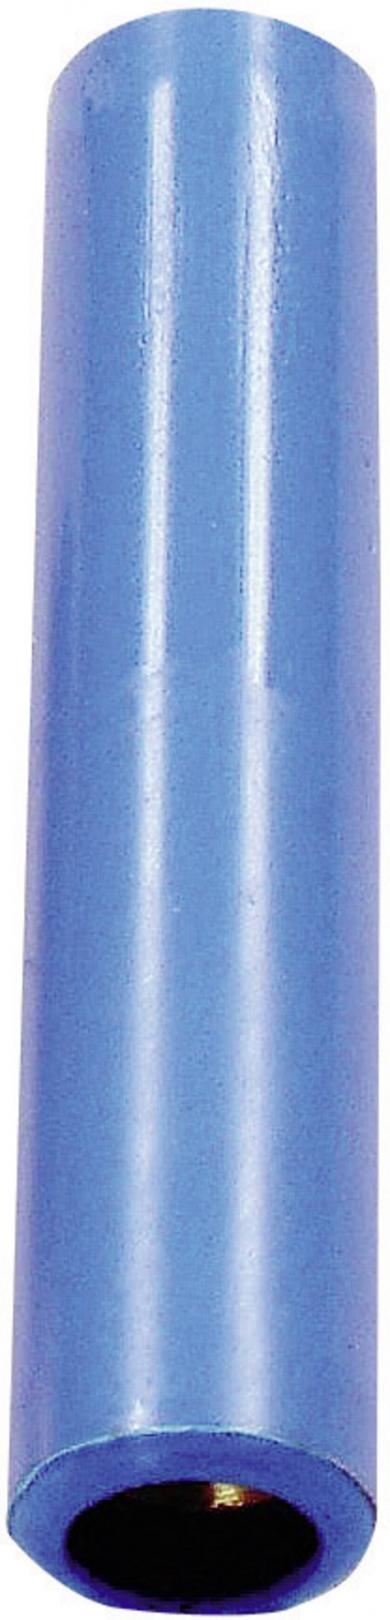 Mufă banană mamă Hirschmann KK4/4, 32 A, 4 mm, albastru